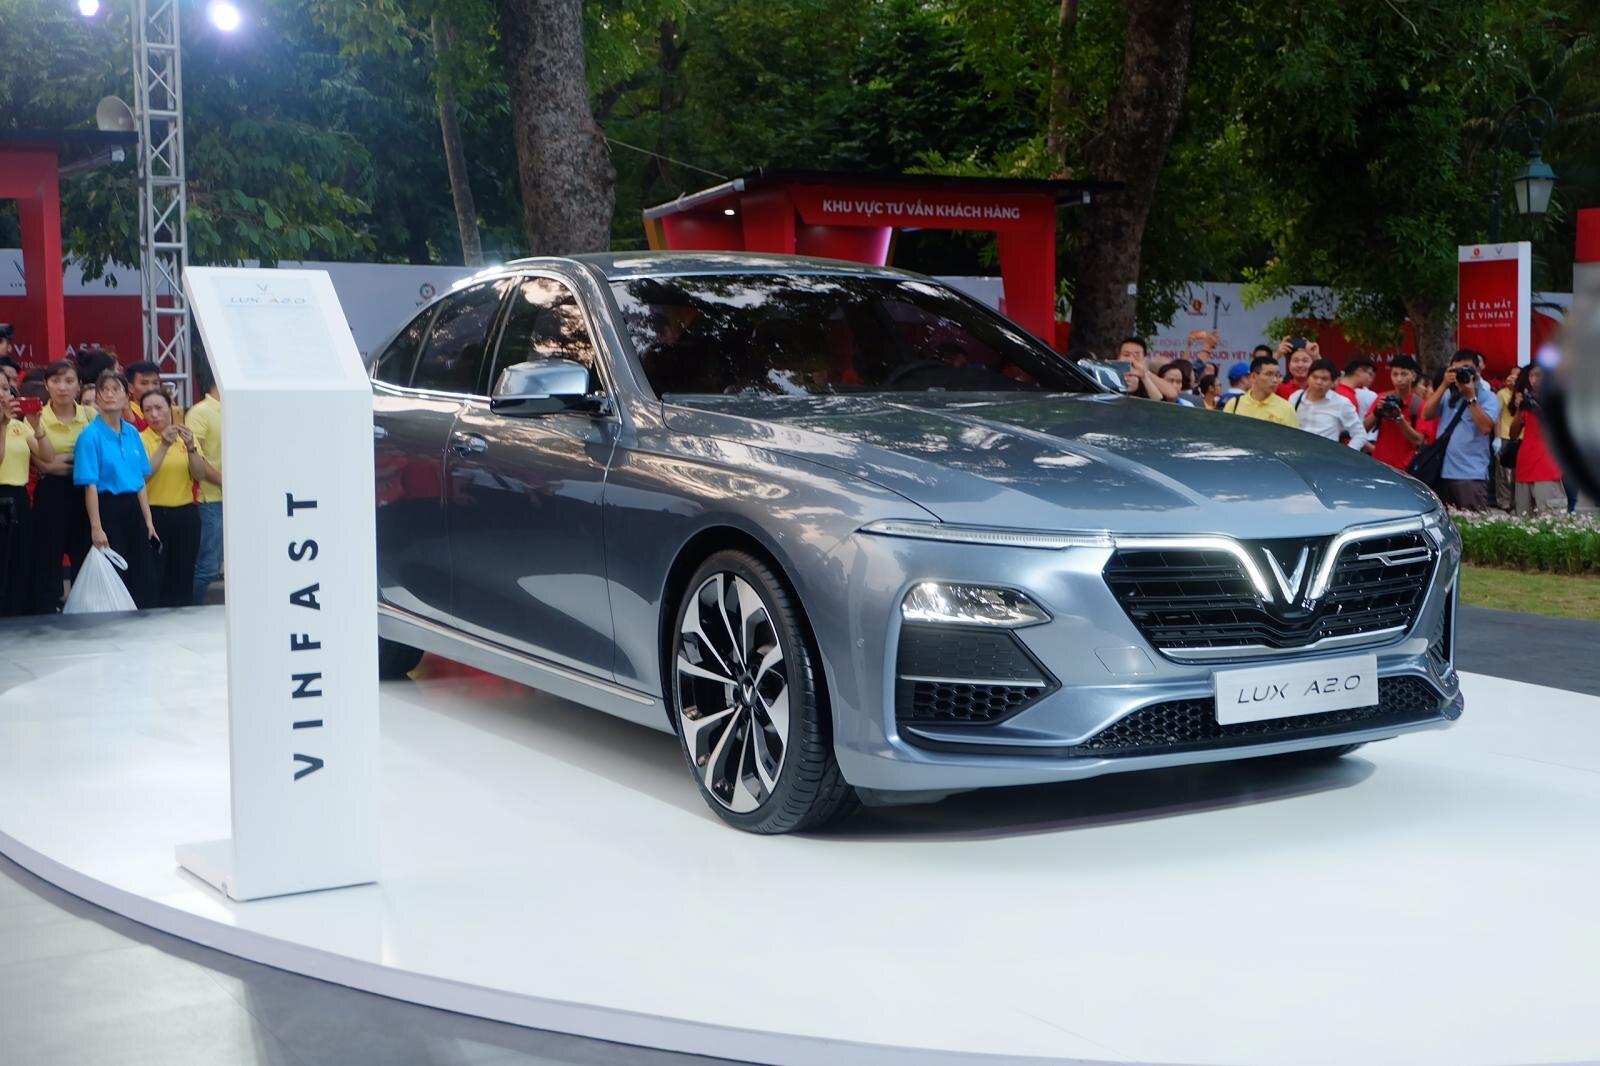 Mẫu xe hơi VinFast Lux A2.0 sở hữu những thông số kỹ thuật tuyệt vời được đánh giá cao hiện nay